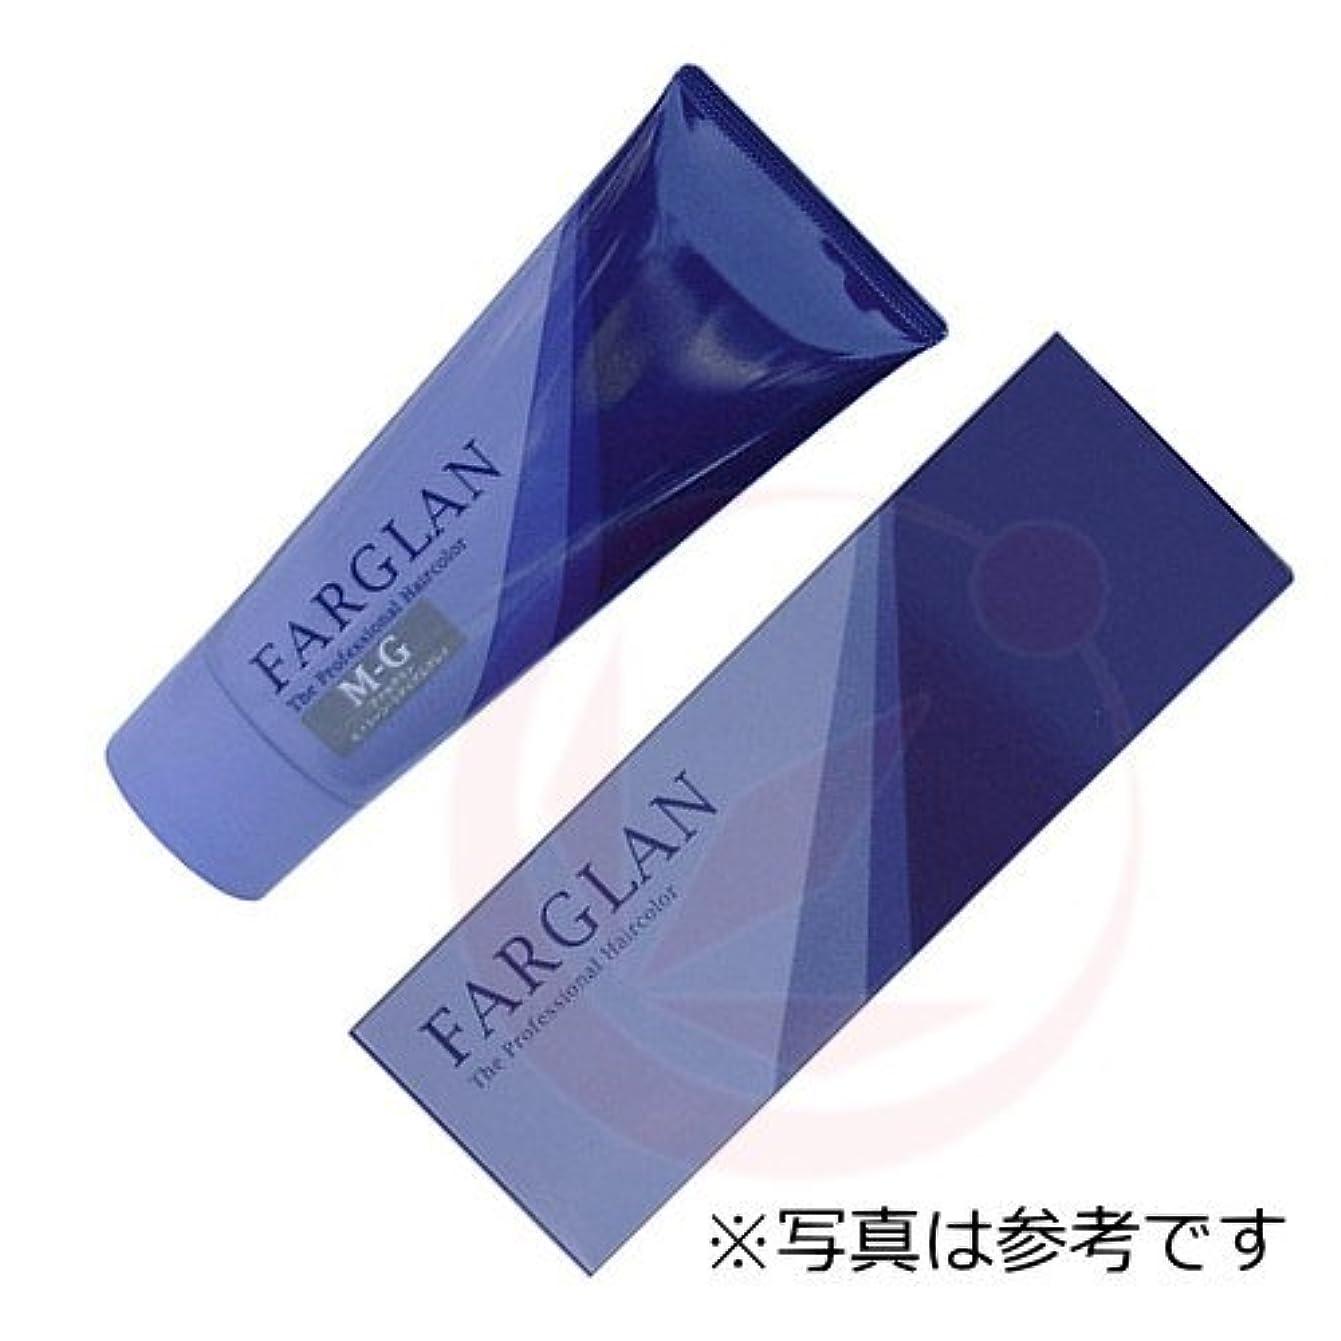 ミルボン ファルグラン 酸性グレイカラー カッパーブラウン 160g 【カッパーブラウン】M-Co.B